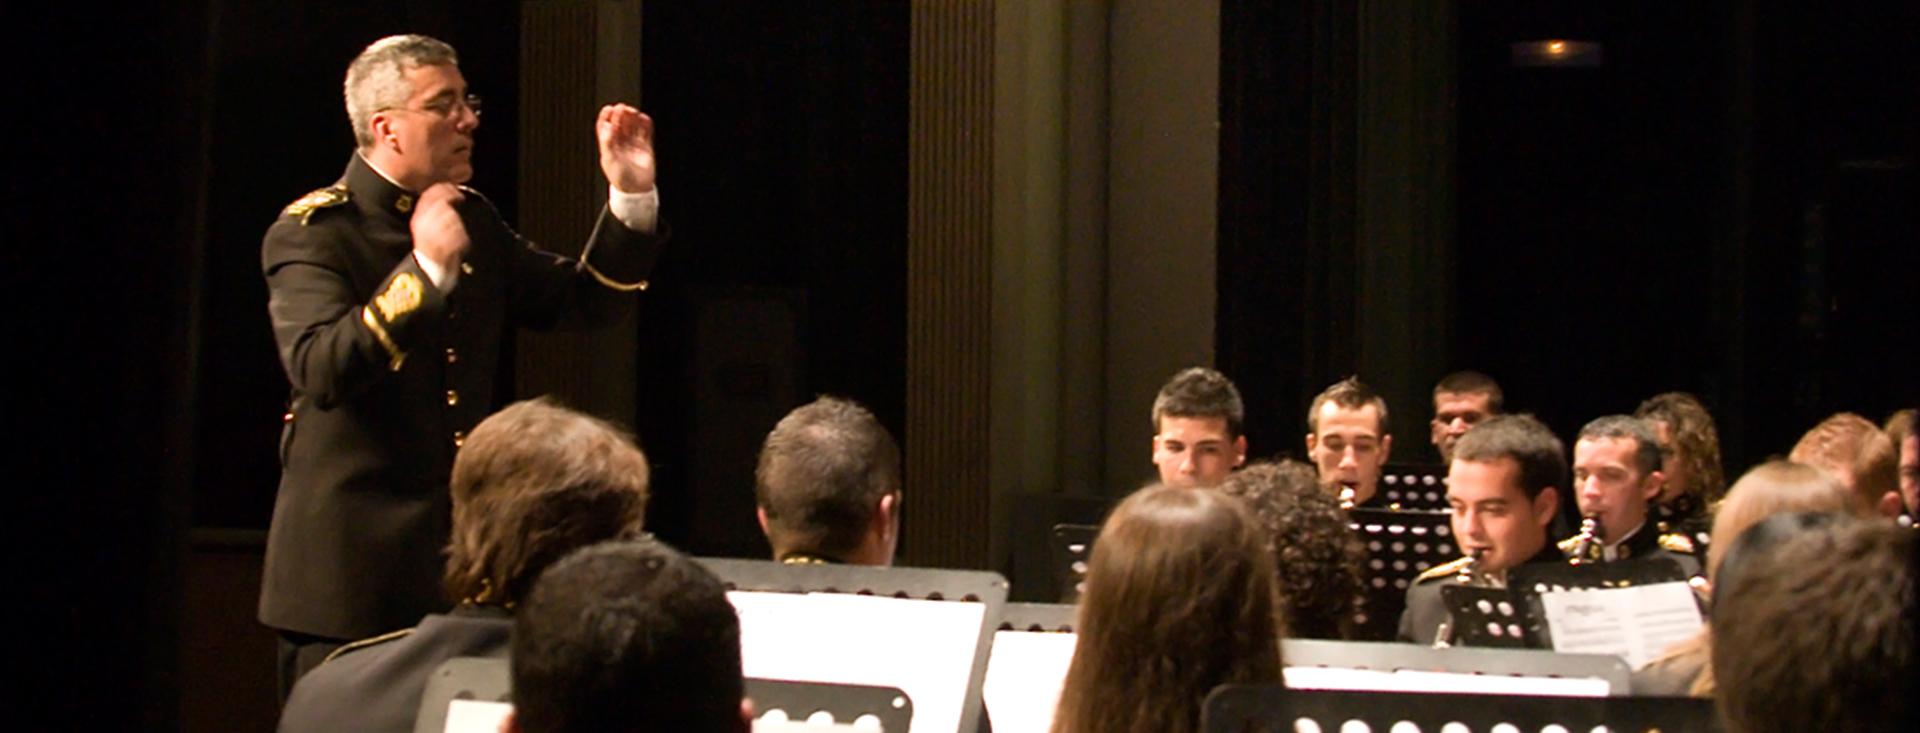 banda de música Pedro Álvarez